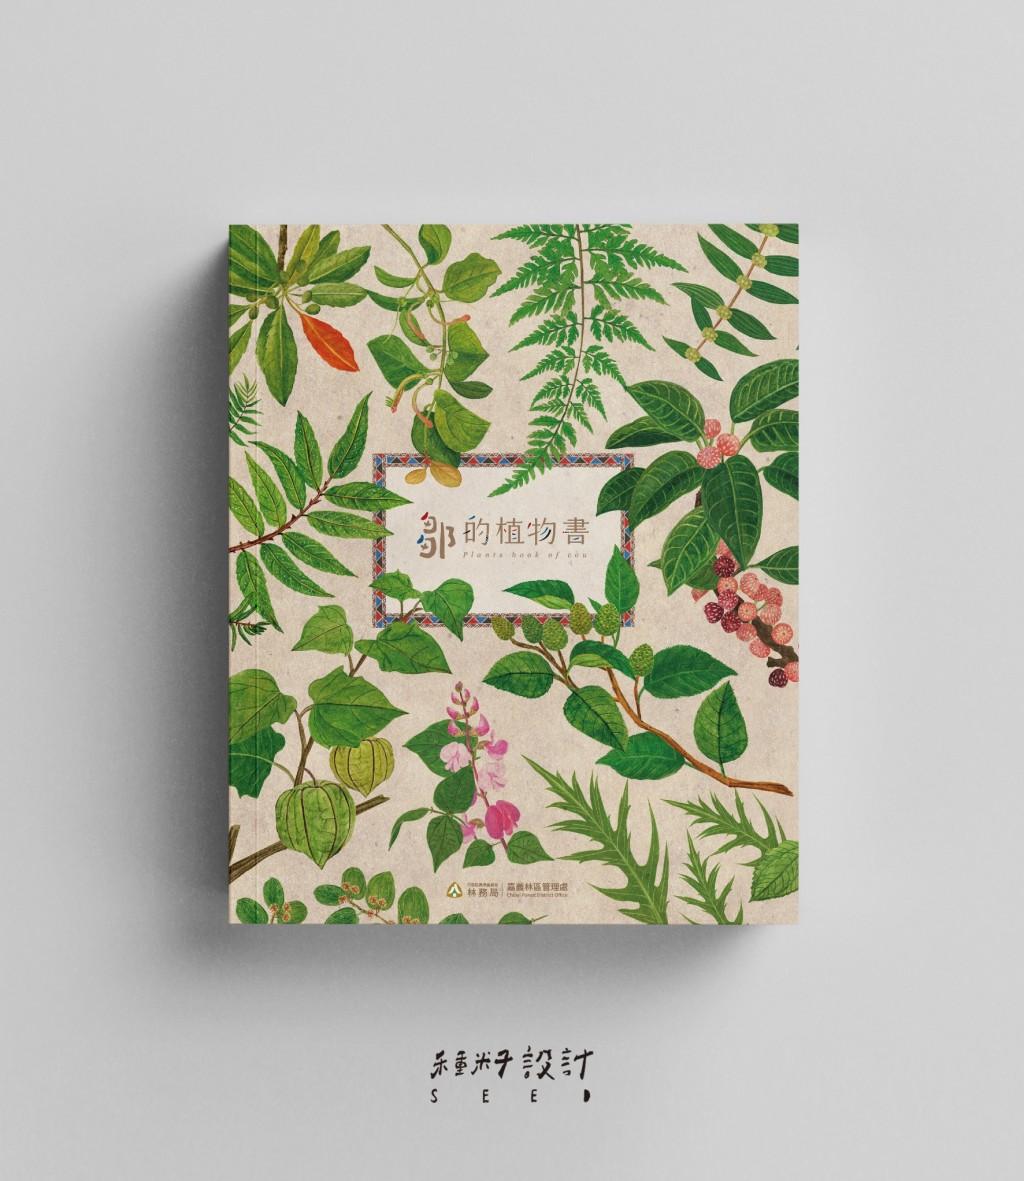 《鄒的植物書》熱賣 林務局嘉義林管處首推悠遊卡